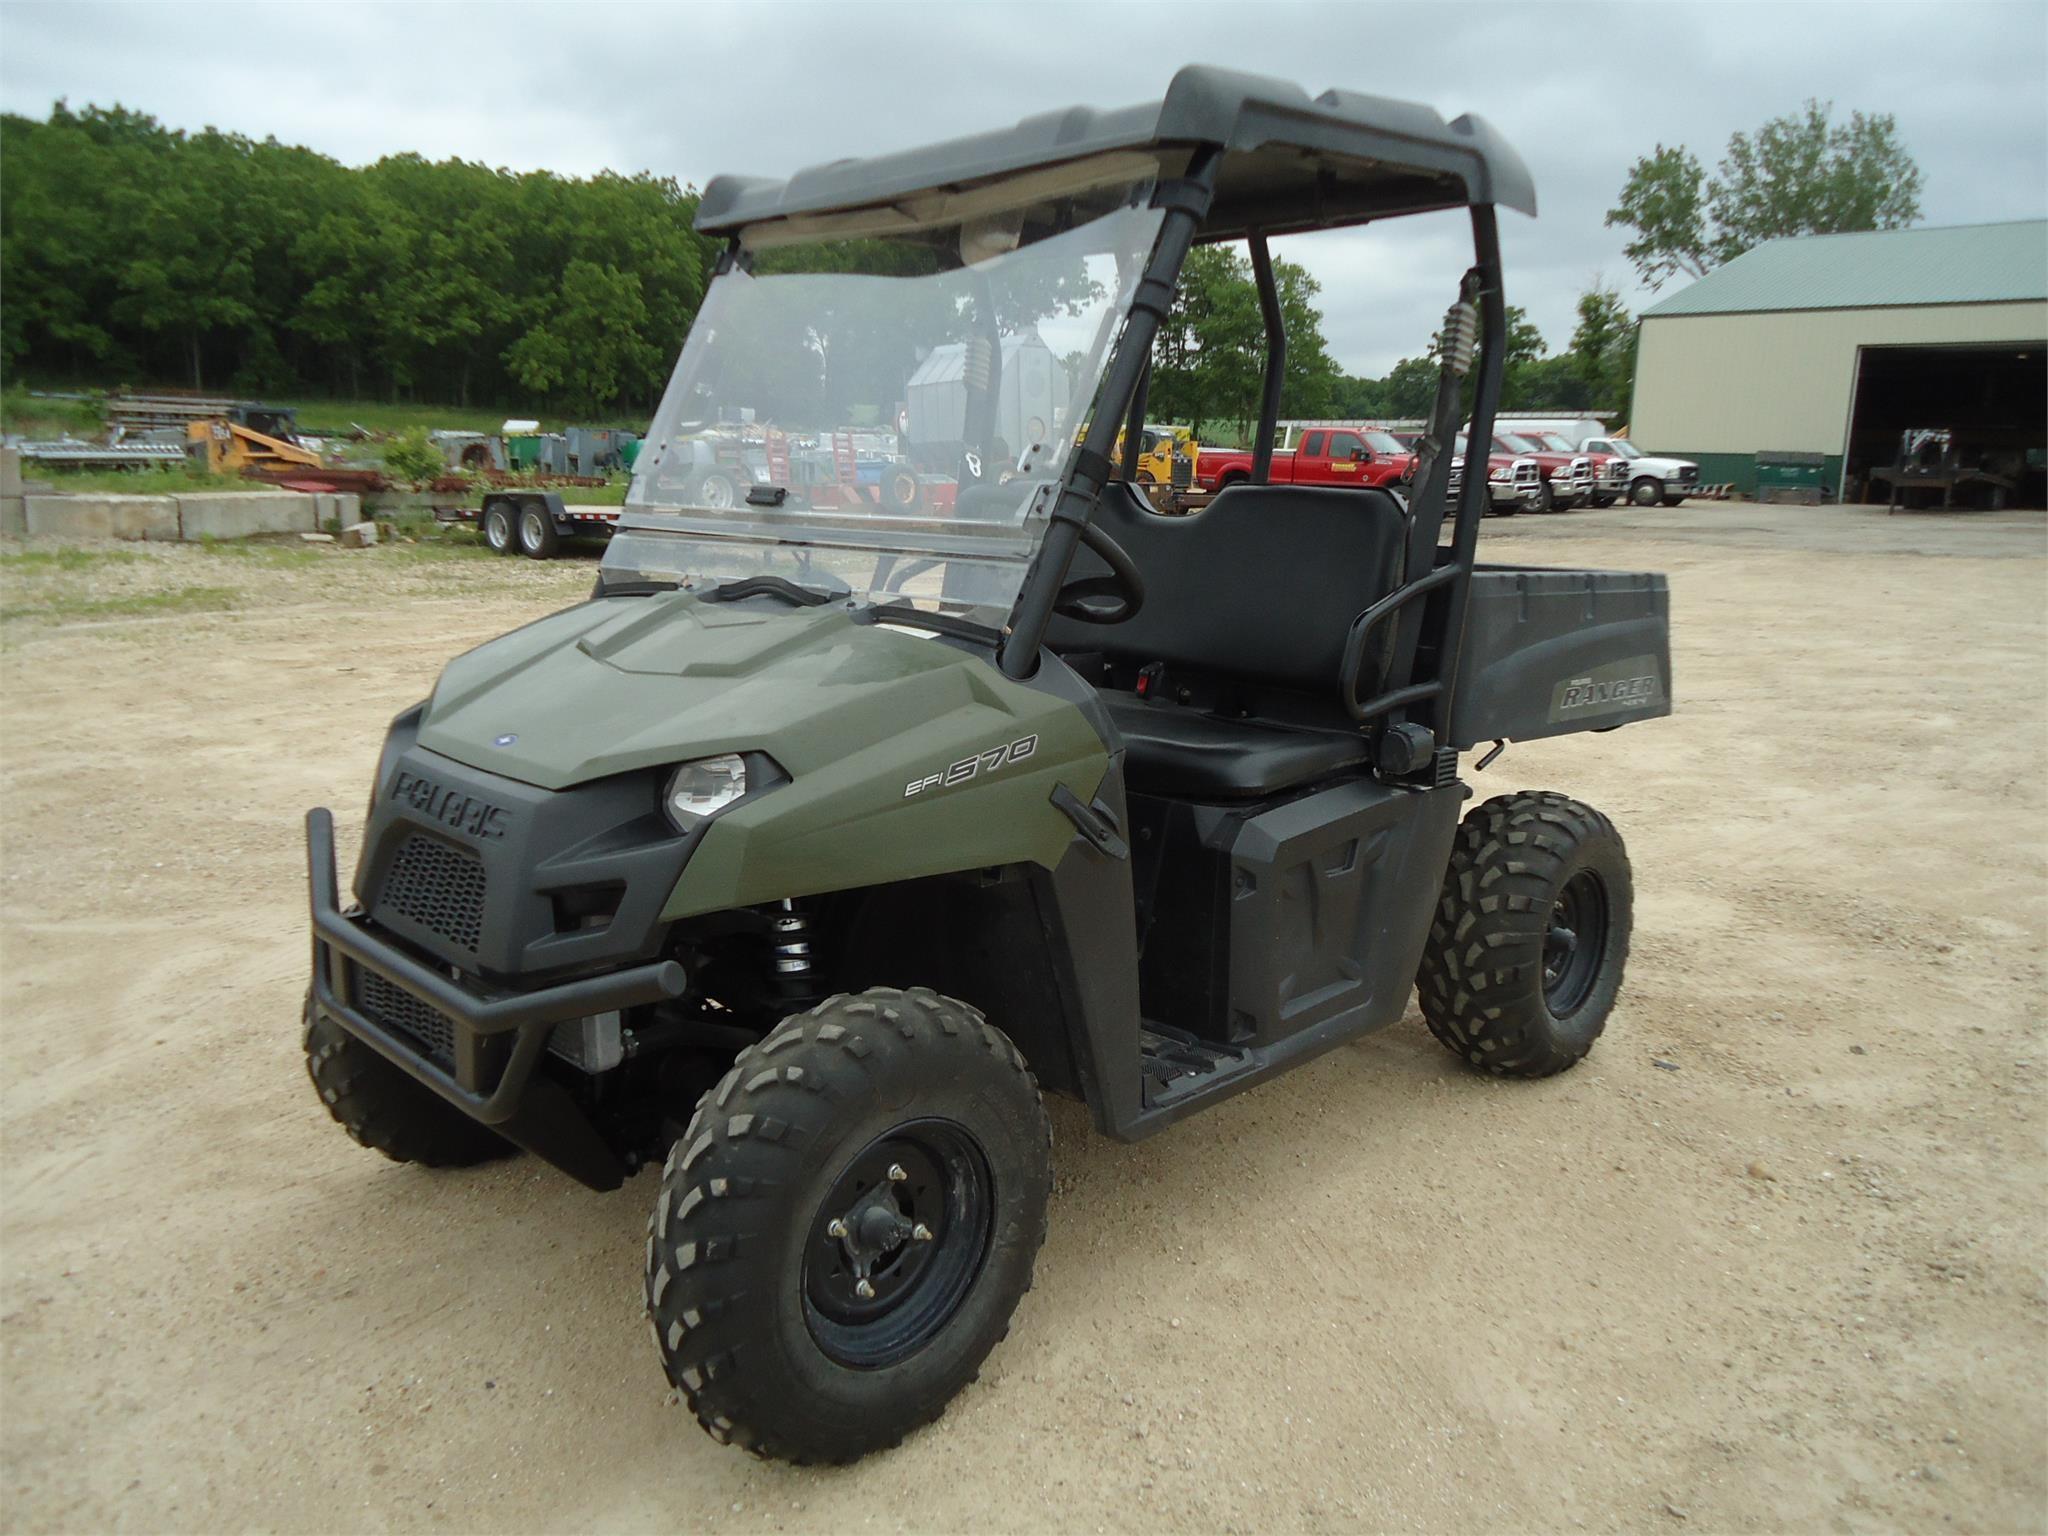 Polaris Ranger 570 >> 2014 Polaris Ranger 570 Efi For Sale In Worthington Iowa